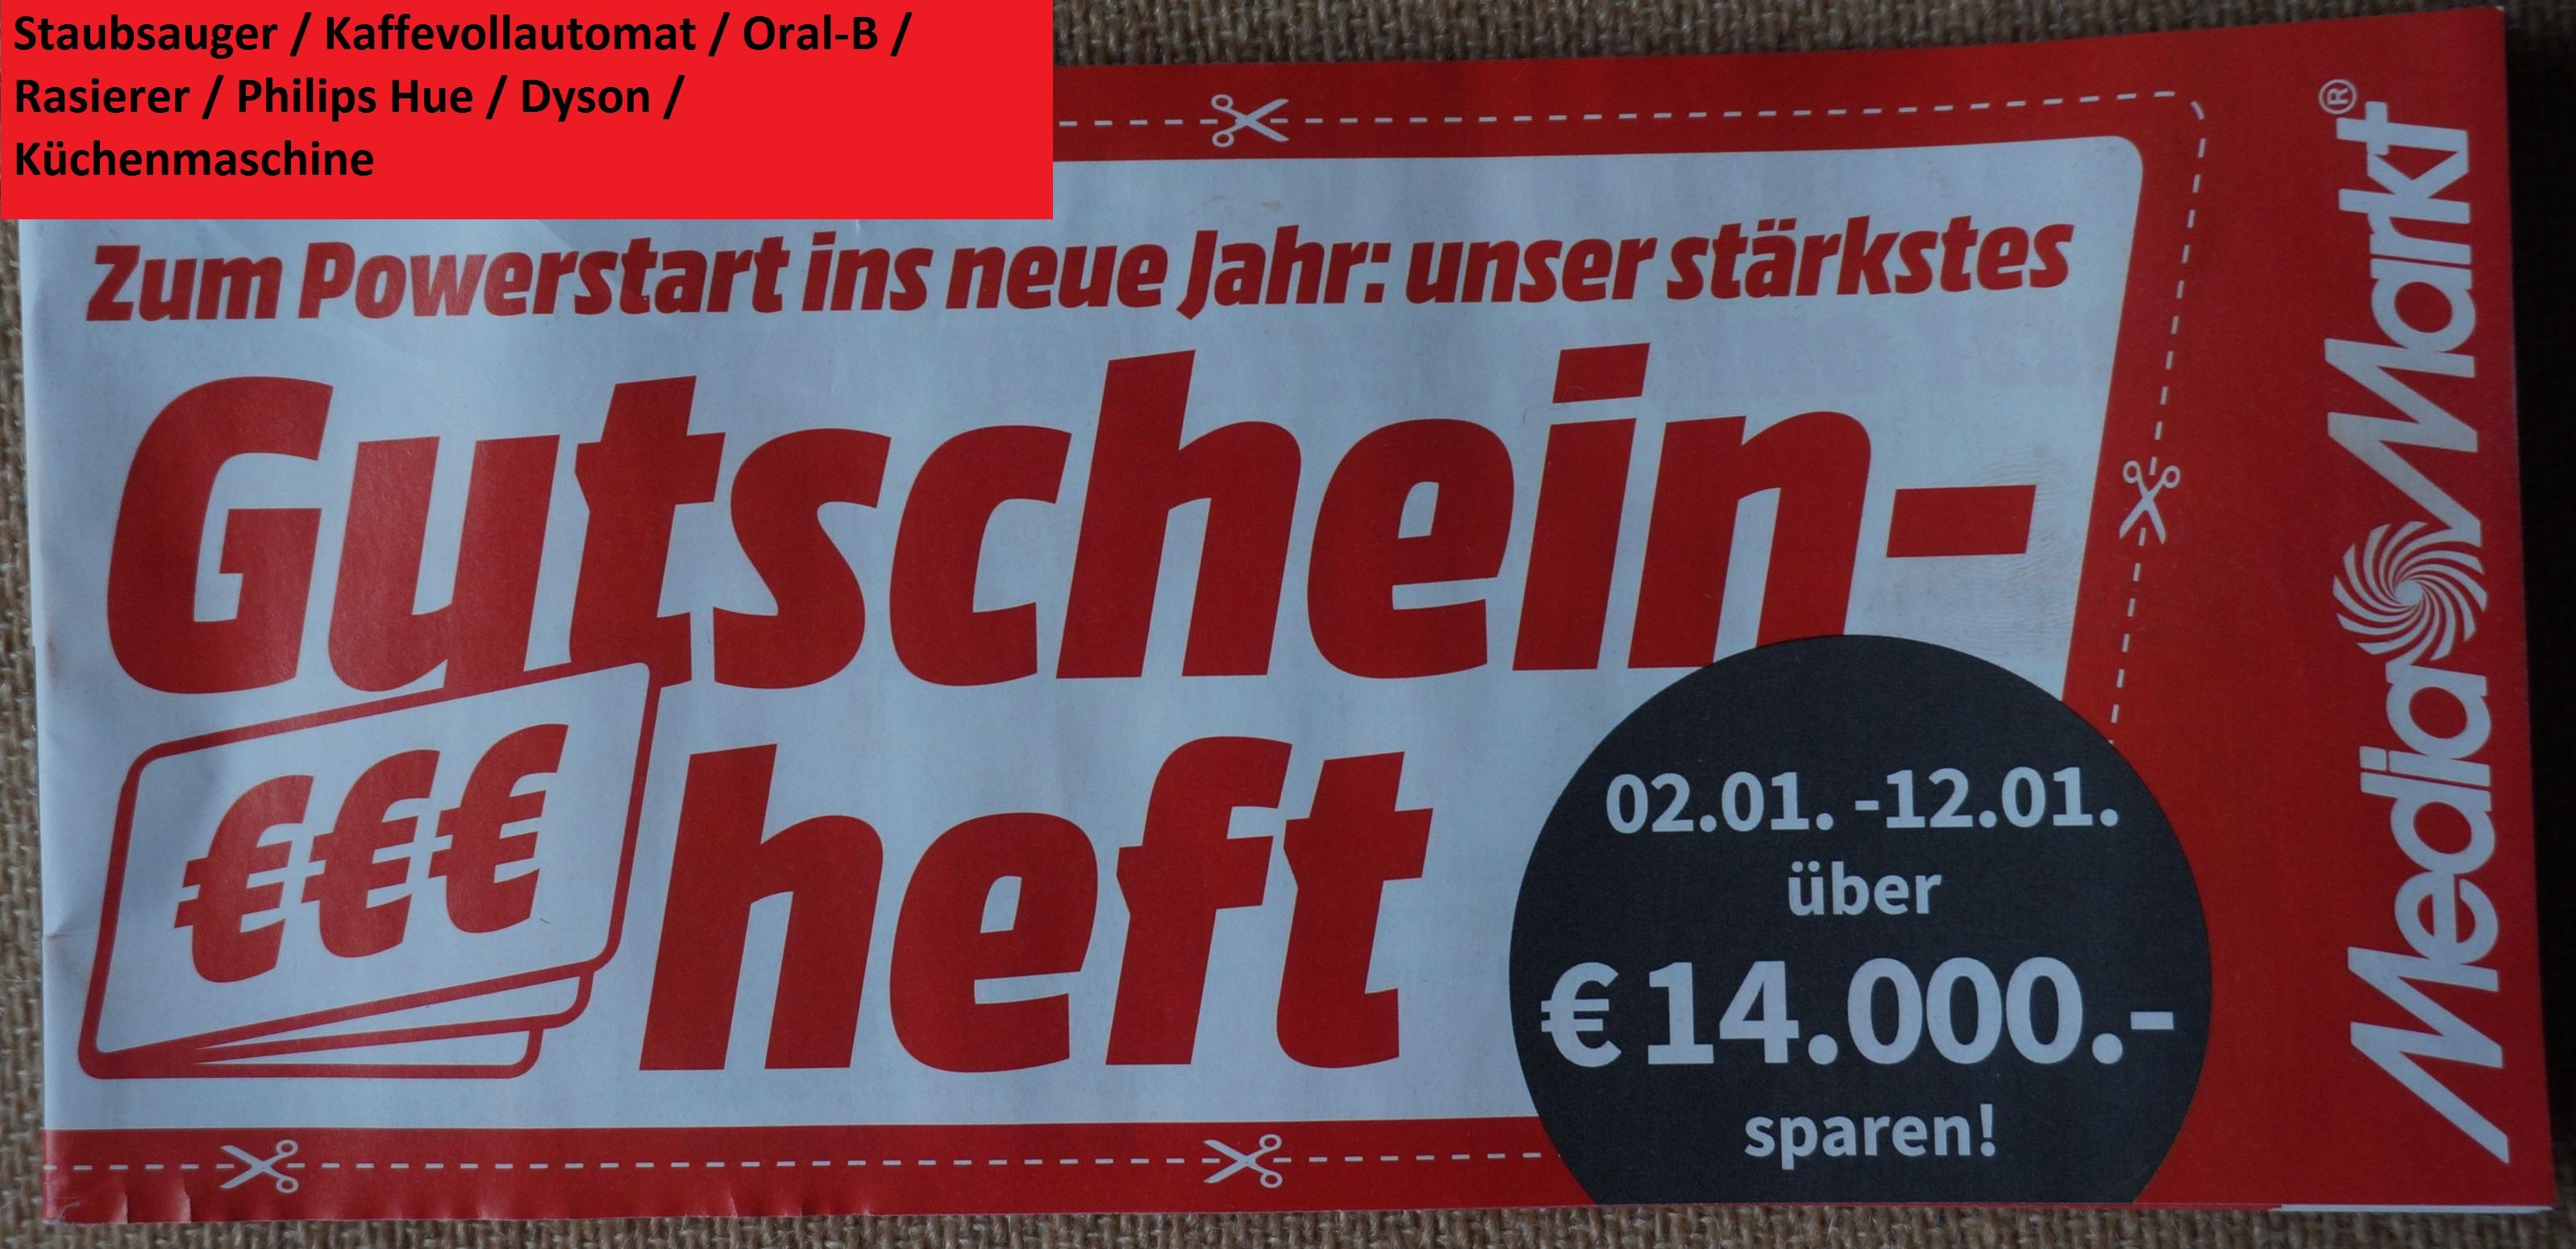 [Media Markt] Nur Online - Gutschein Heft: Dyson / Philips Hue / Oral-B / Sodapop / Kleinelektro gültig 02.01.2021 - 12.01.2021